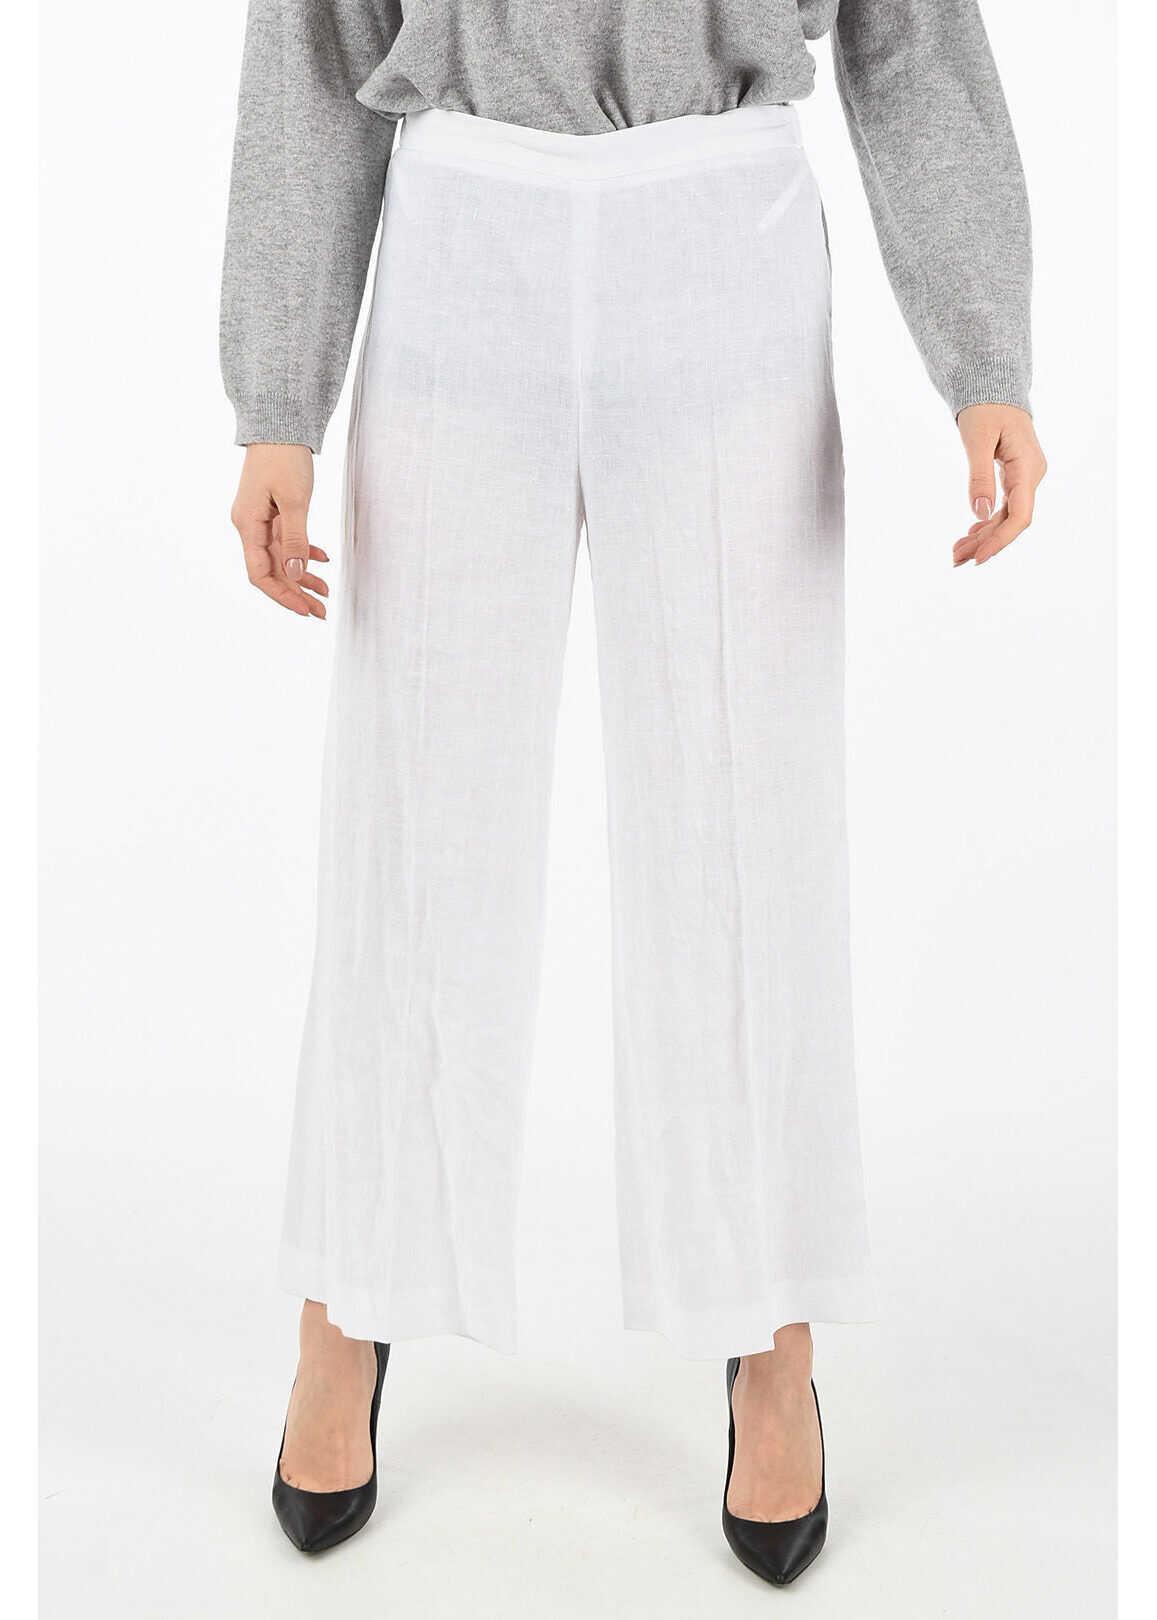 Fabiana Filippi flax pants WHITE